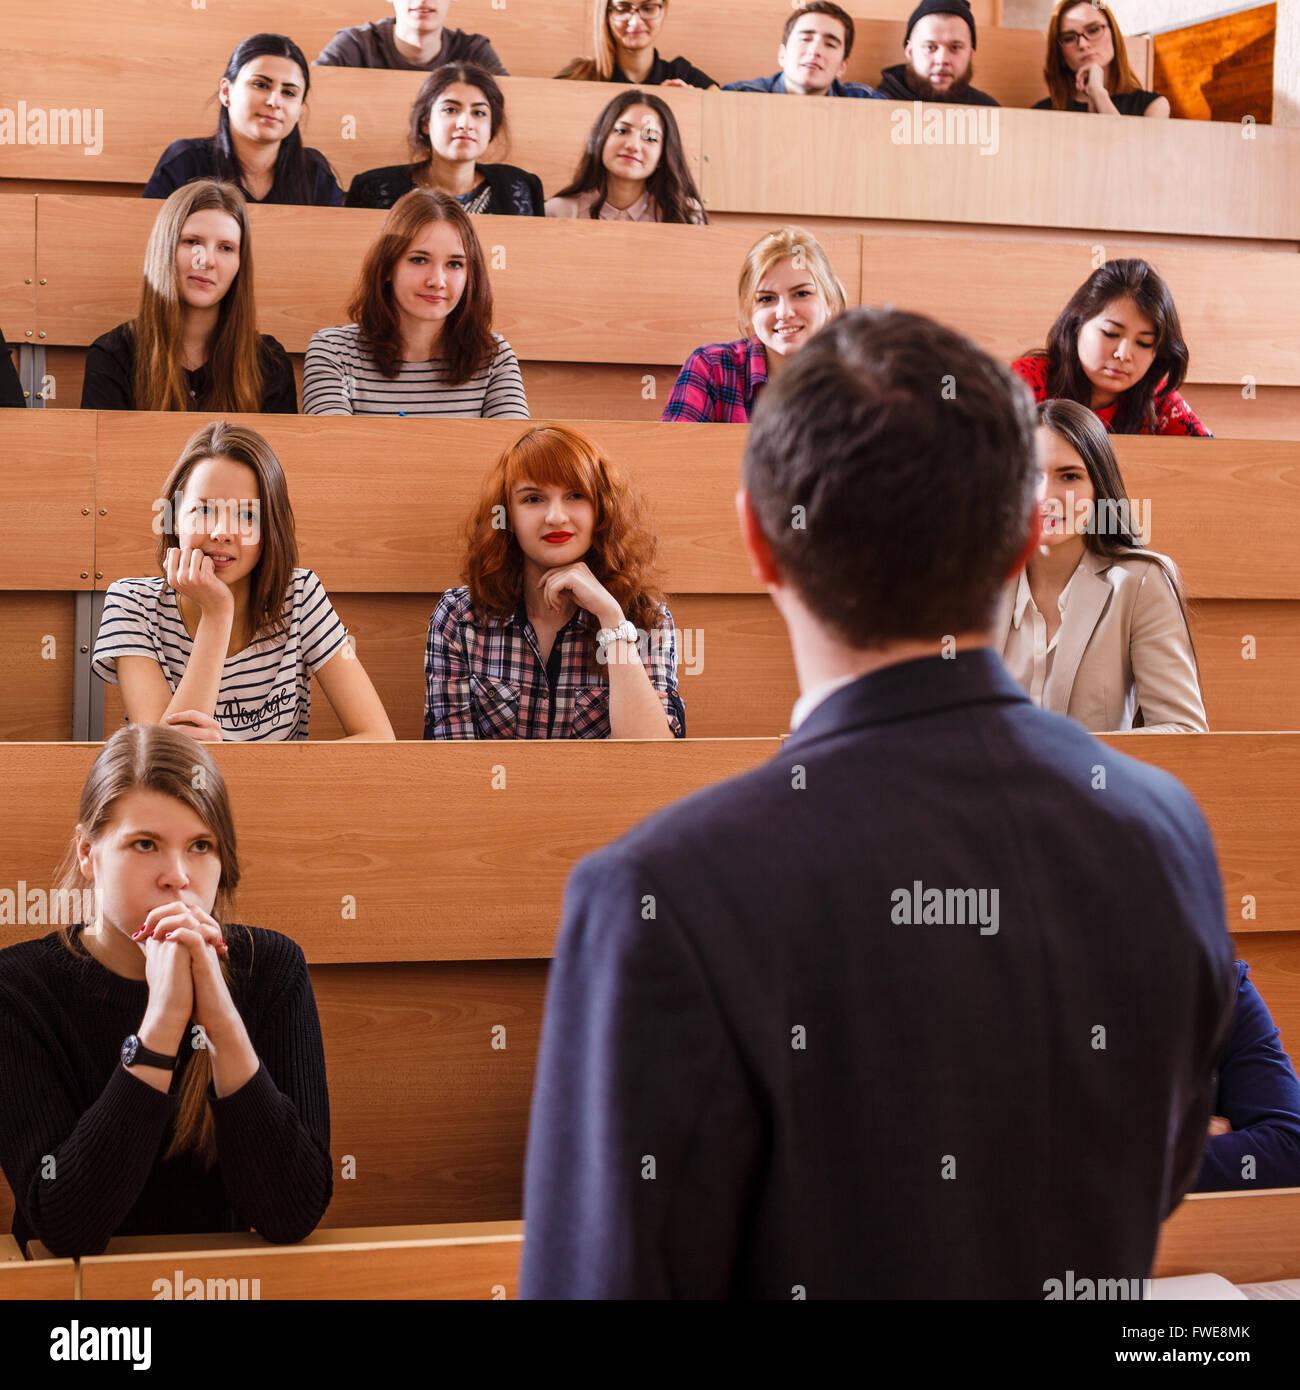 Teacher explaining something to students - Stock Image